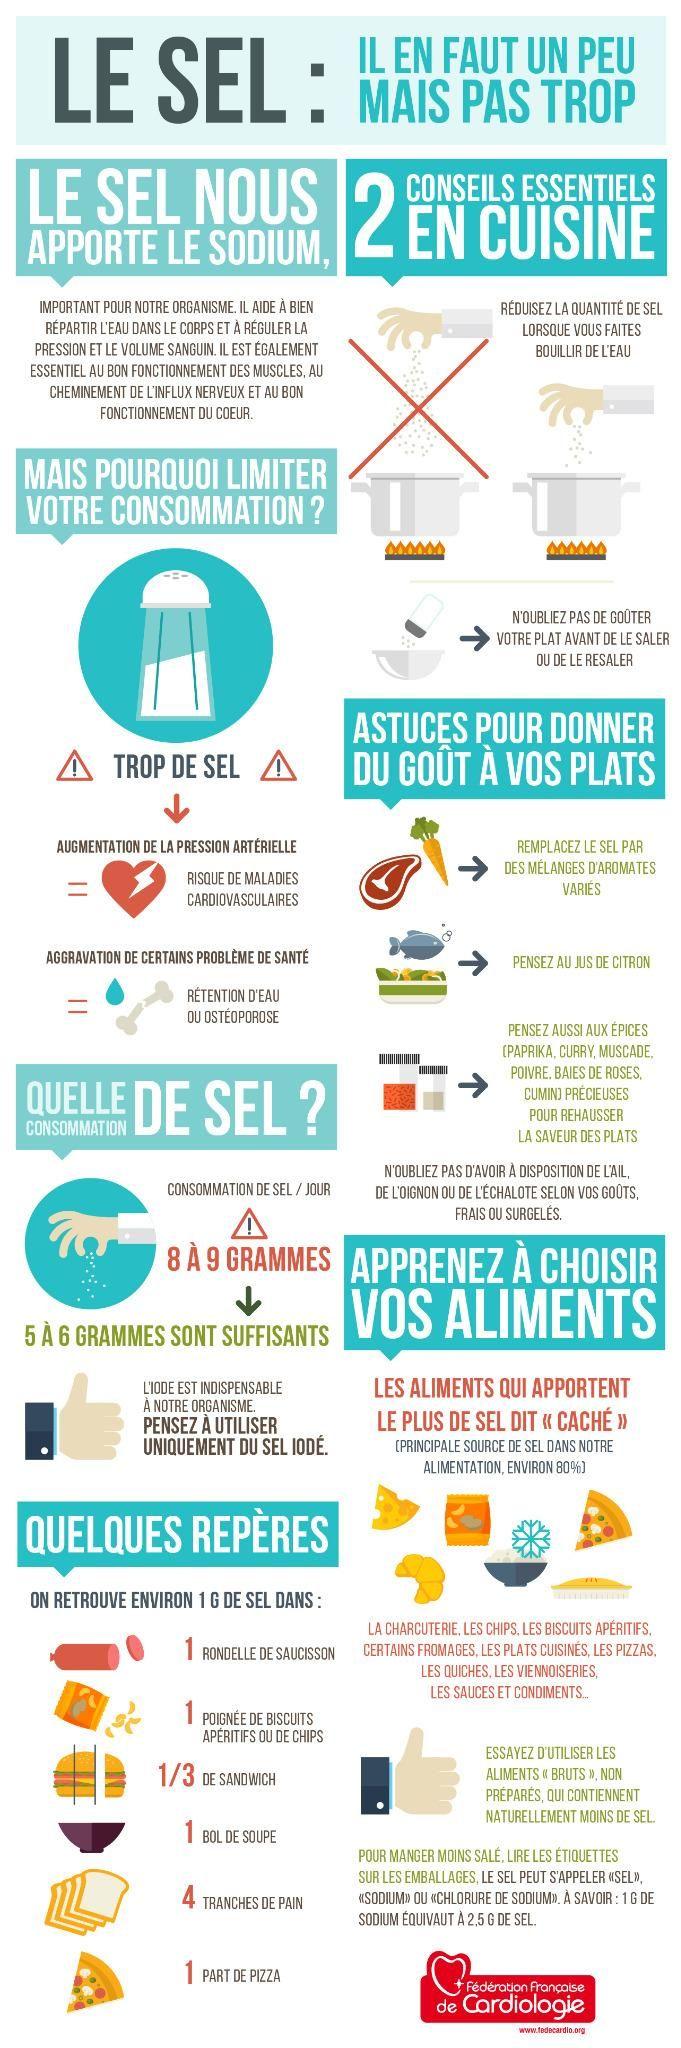 Le sel, il en faut un peu, mais pas trop ! Notre infographie sur : http://mafedecardio.org/sel-il-en-faut-peu-pas-trop/…